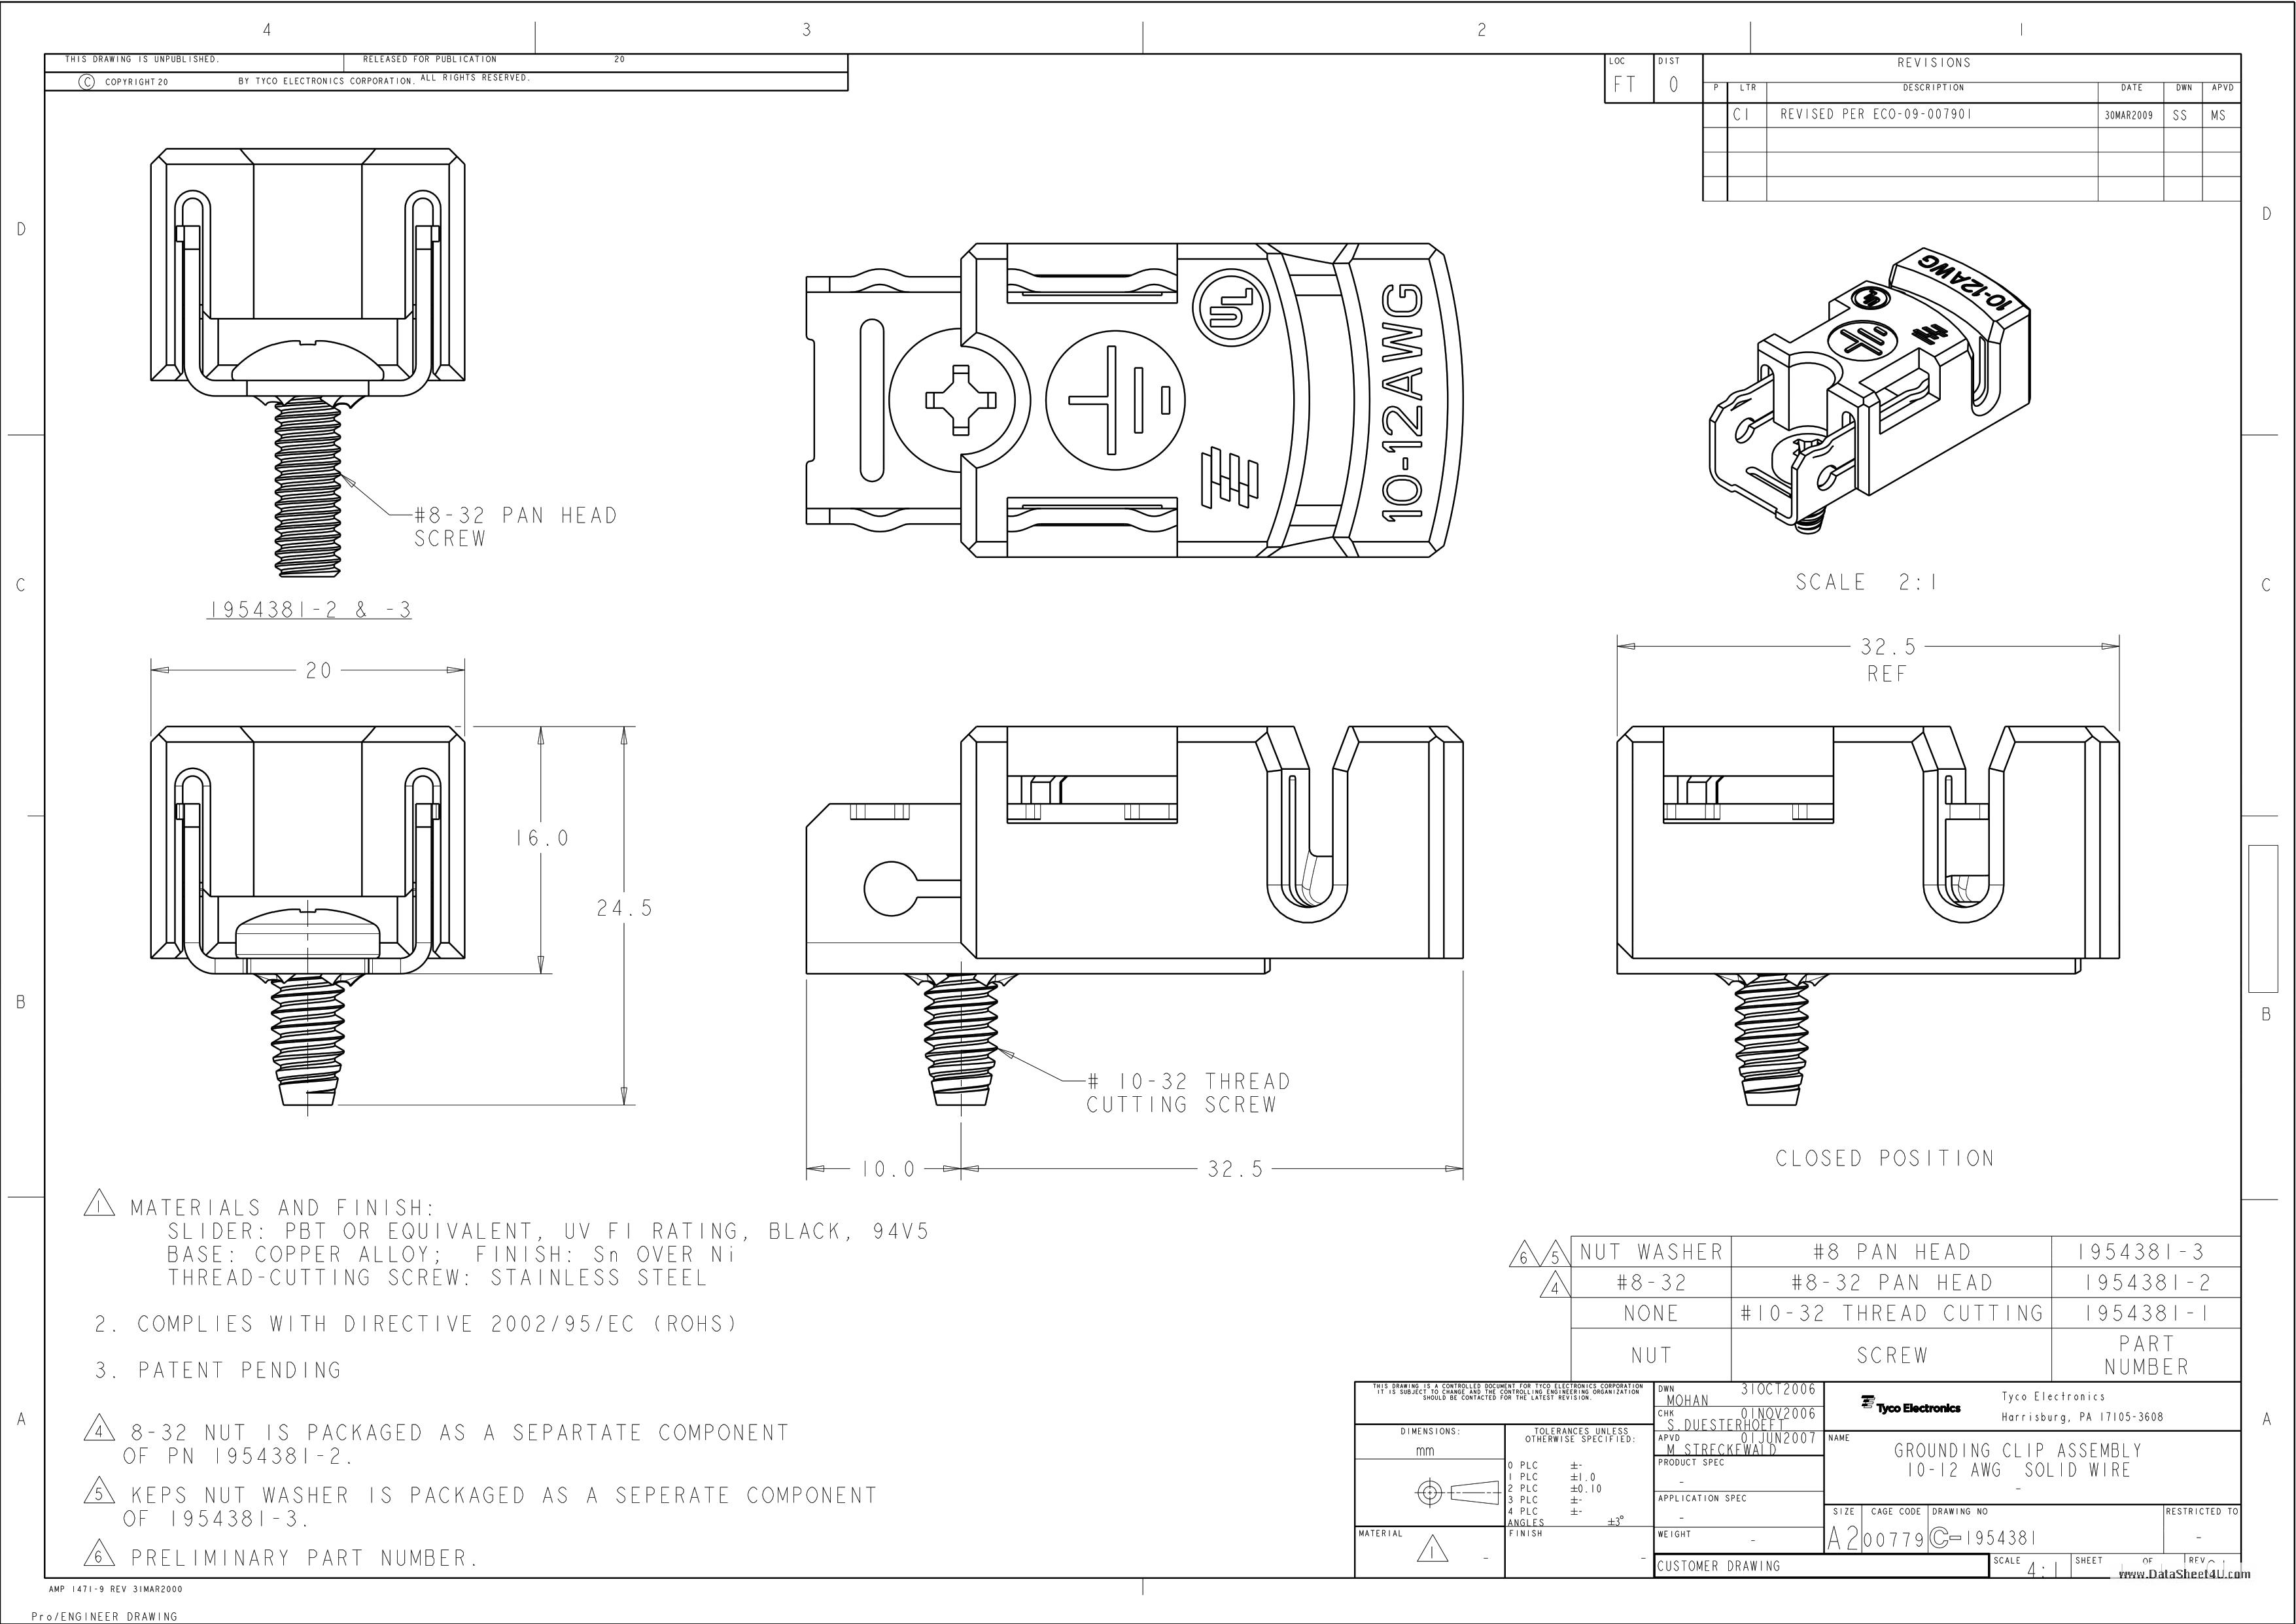 C-1954381 datasheet